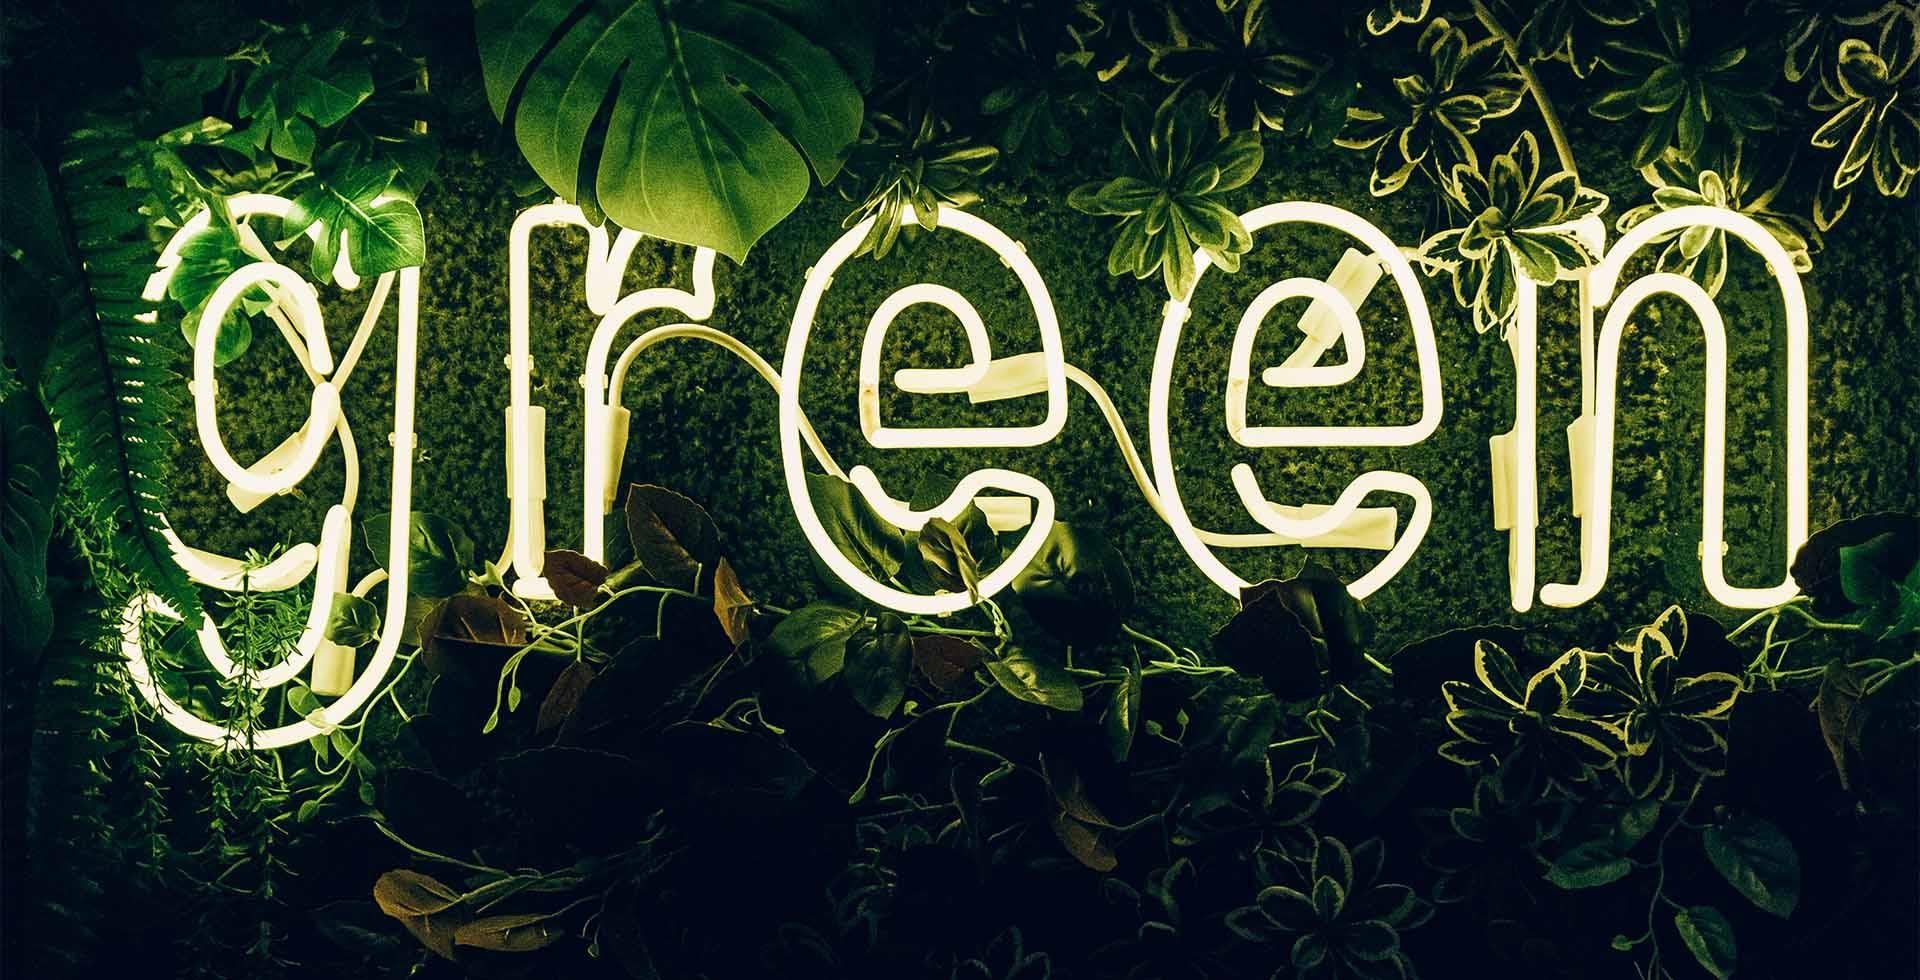 La differenza tra eco e bio, vegan e clean, naturale e cruelty free. Nel glossario della cosmetica green